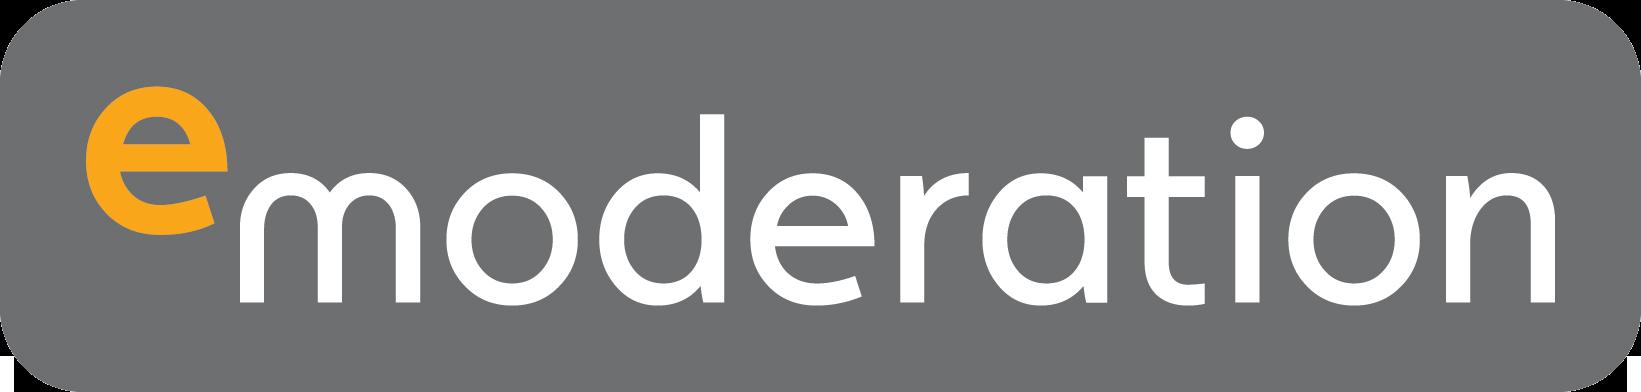 emoderation logo